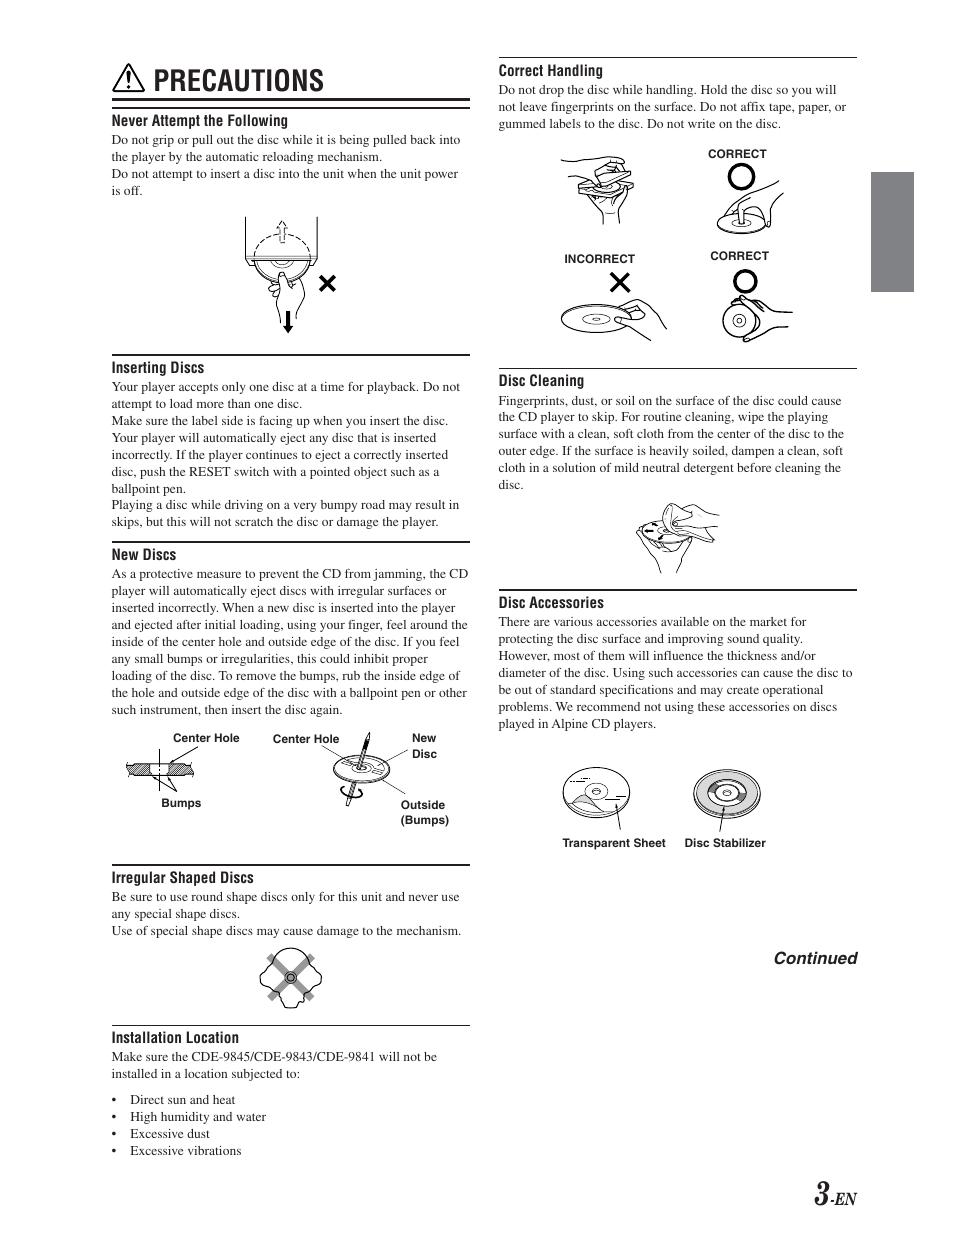 precautions alpine cde 9841 user manual page 4 27 original mode rh manualsdir com